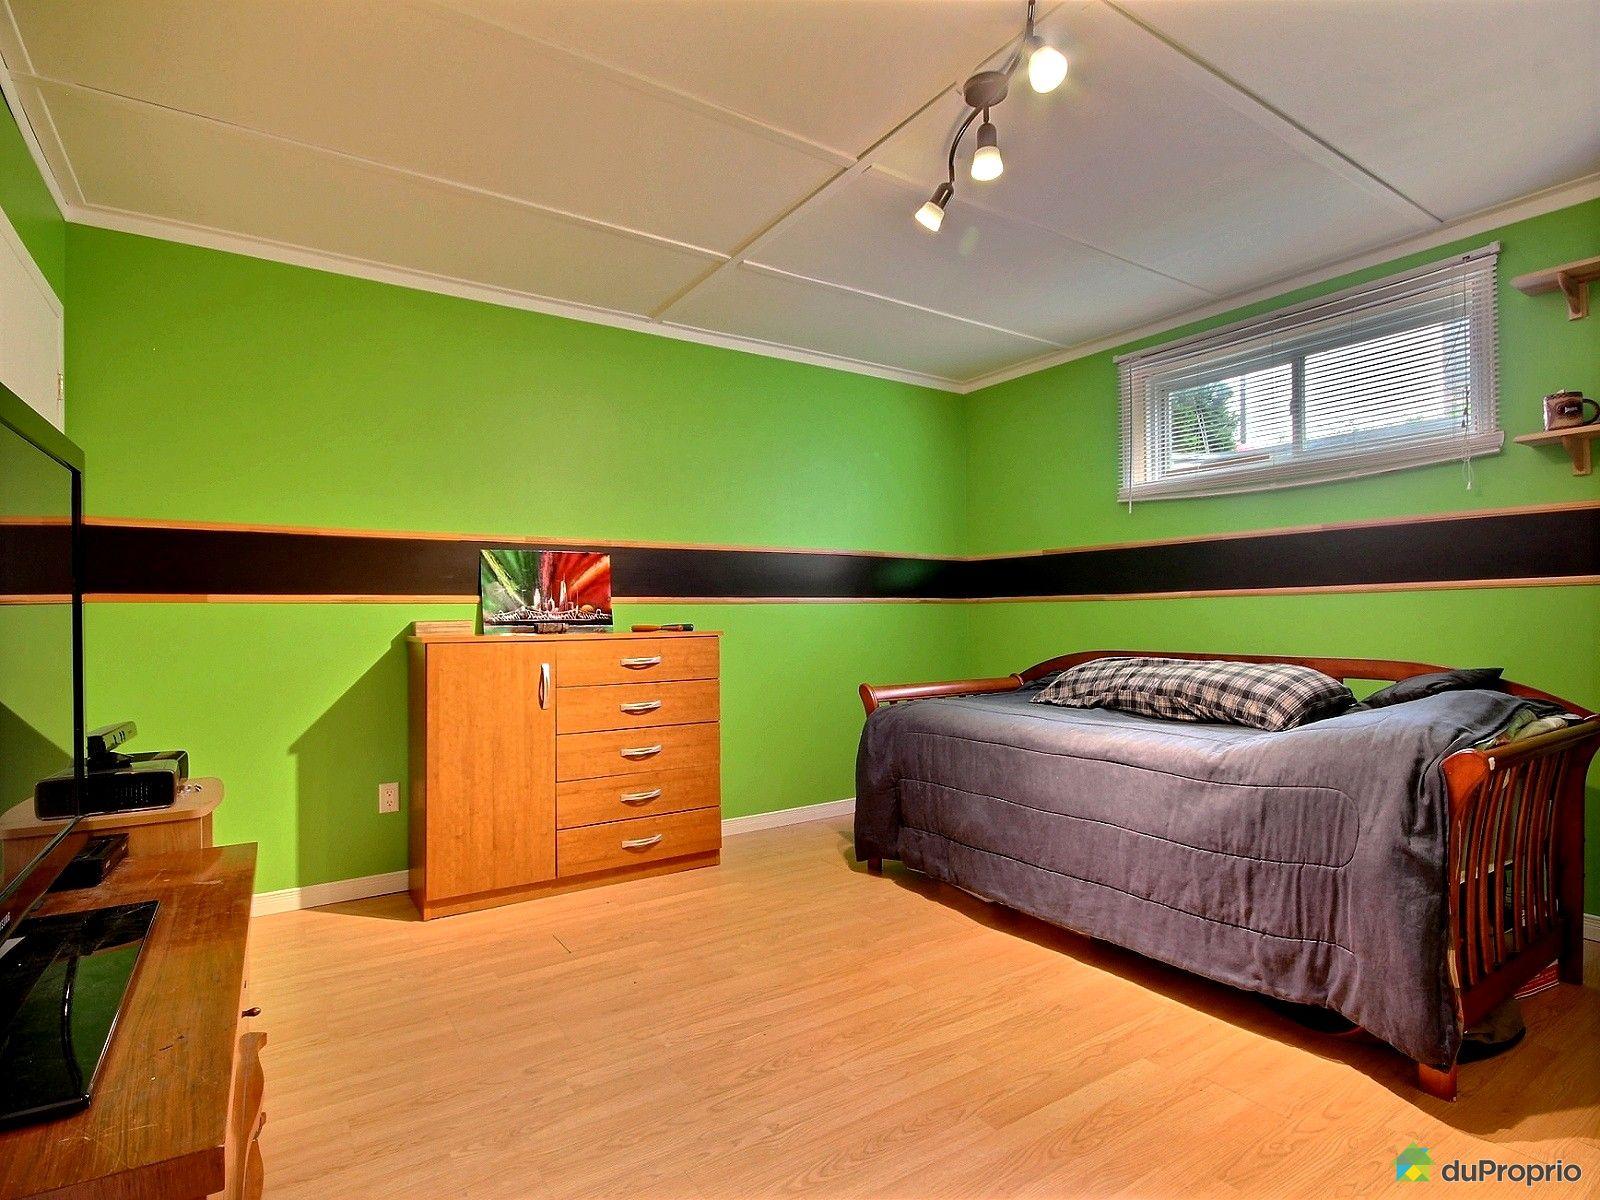 maison vendre st mile 6656 rue de mercure immobilier qu bec duproprio 629788. Black Bedroom Furniture Sets. Home Design Ideas